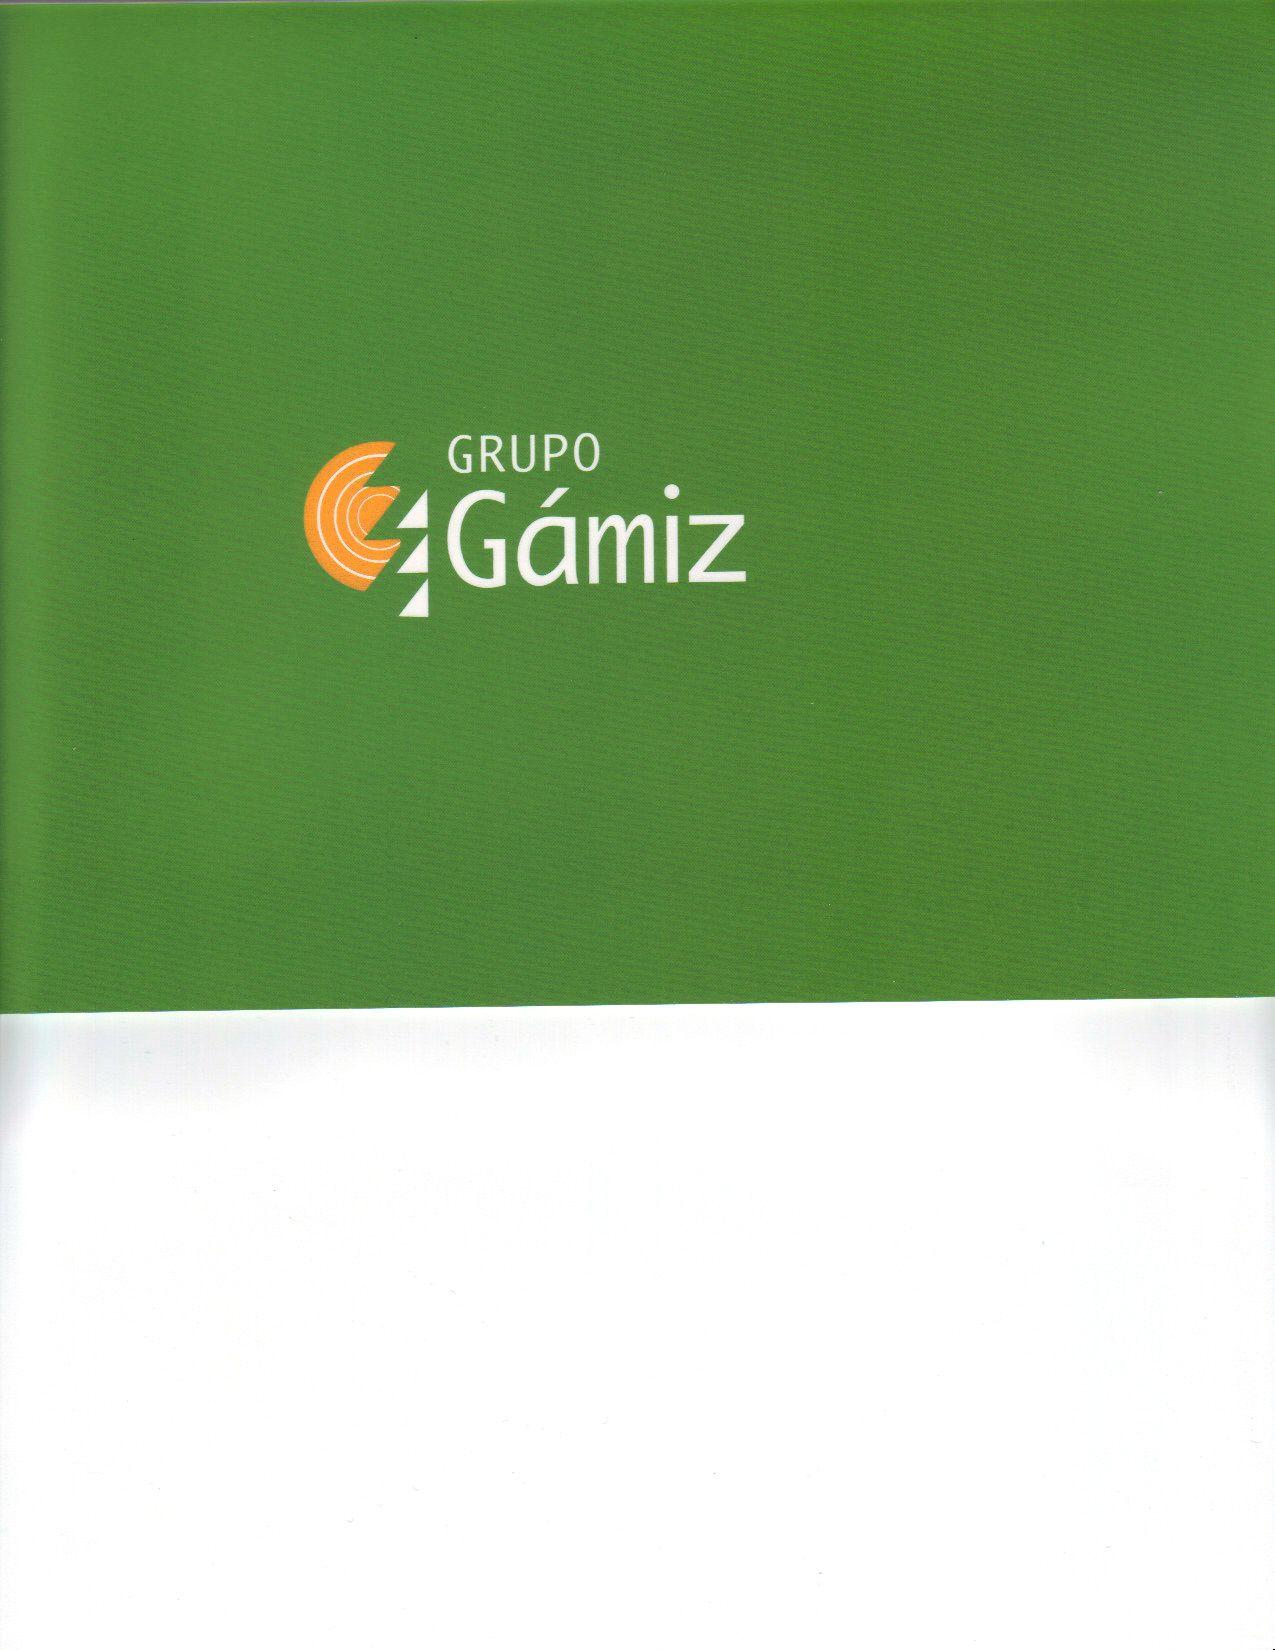 Gamiz